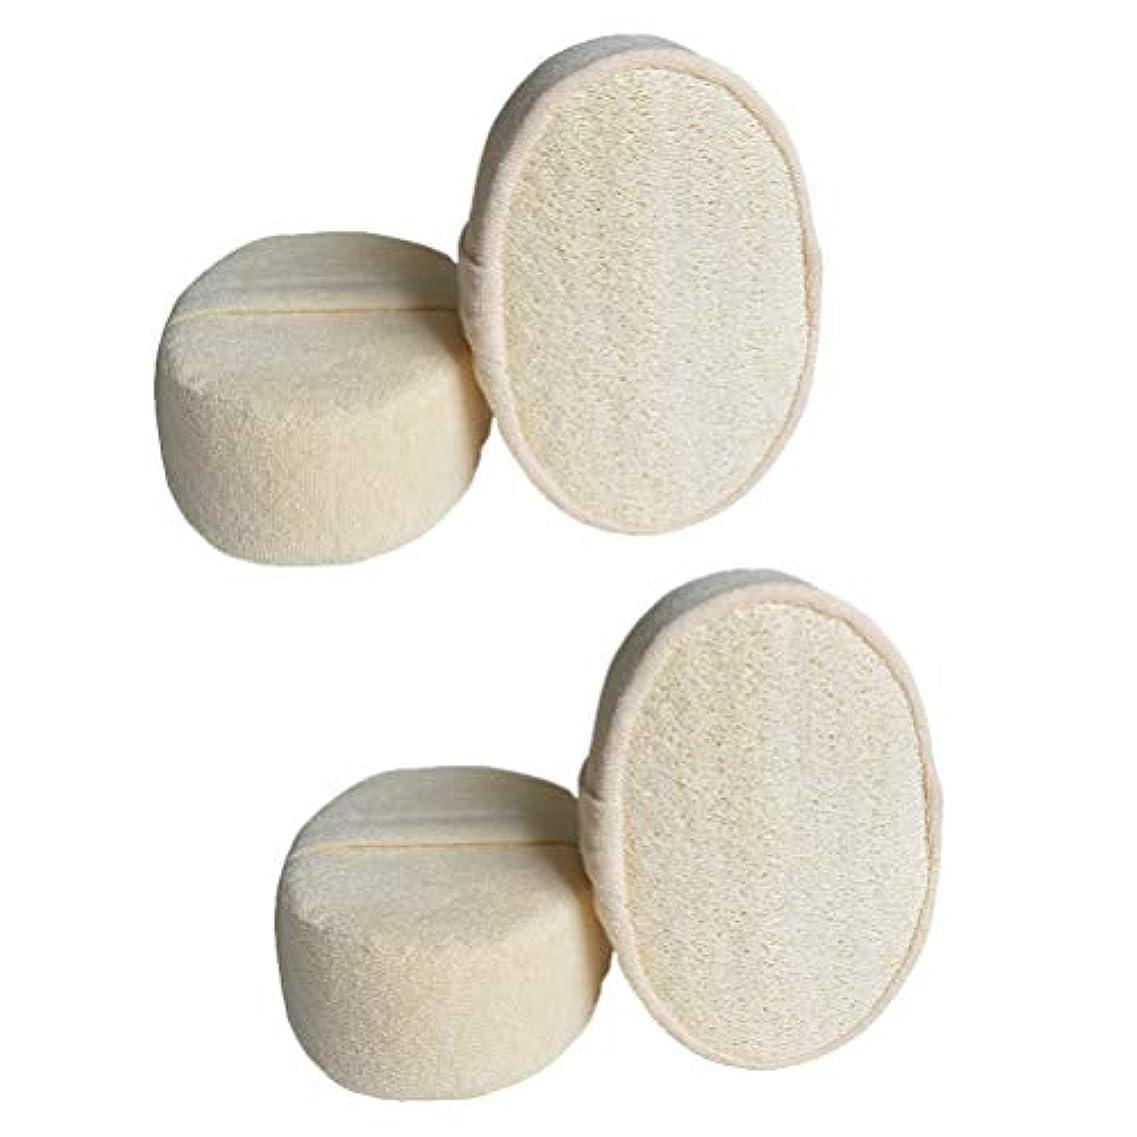 証明書桁ギャングHealifty 4ピース剥離剥離剤パッドloofaスポンジスクラバーブラシ用風呂スパシャワー